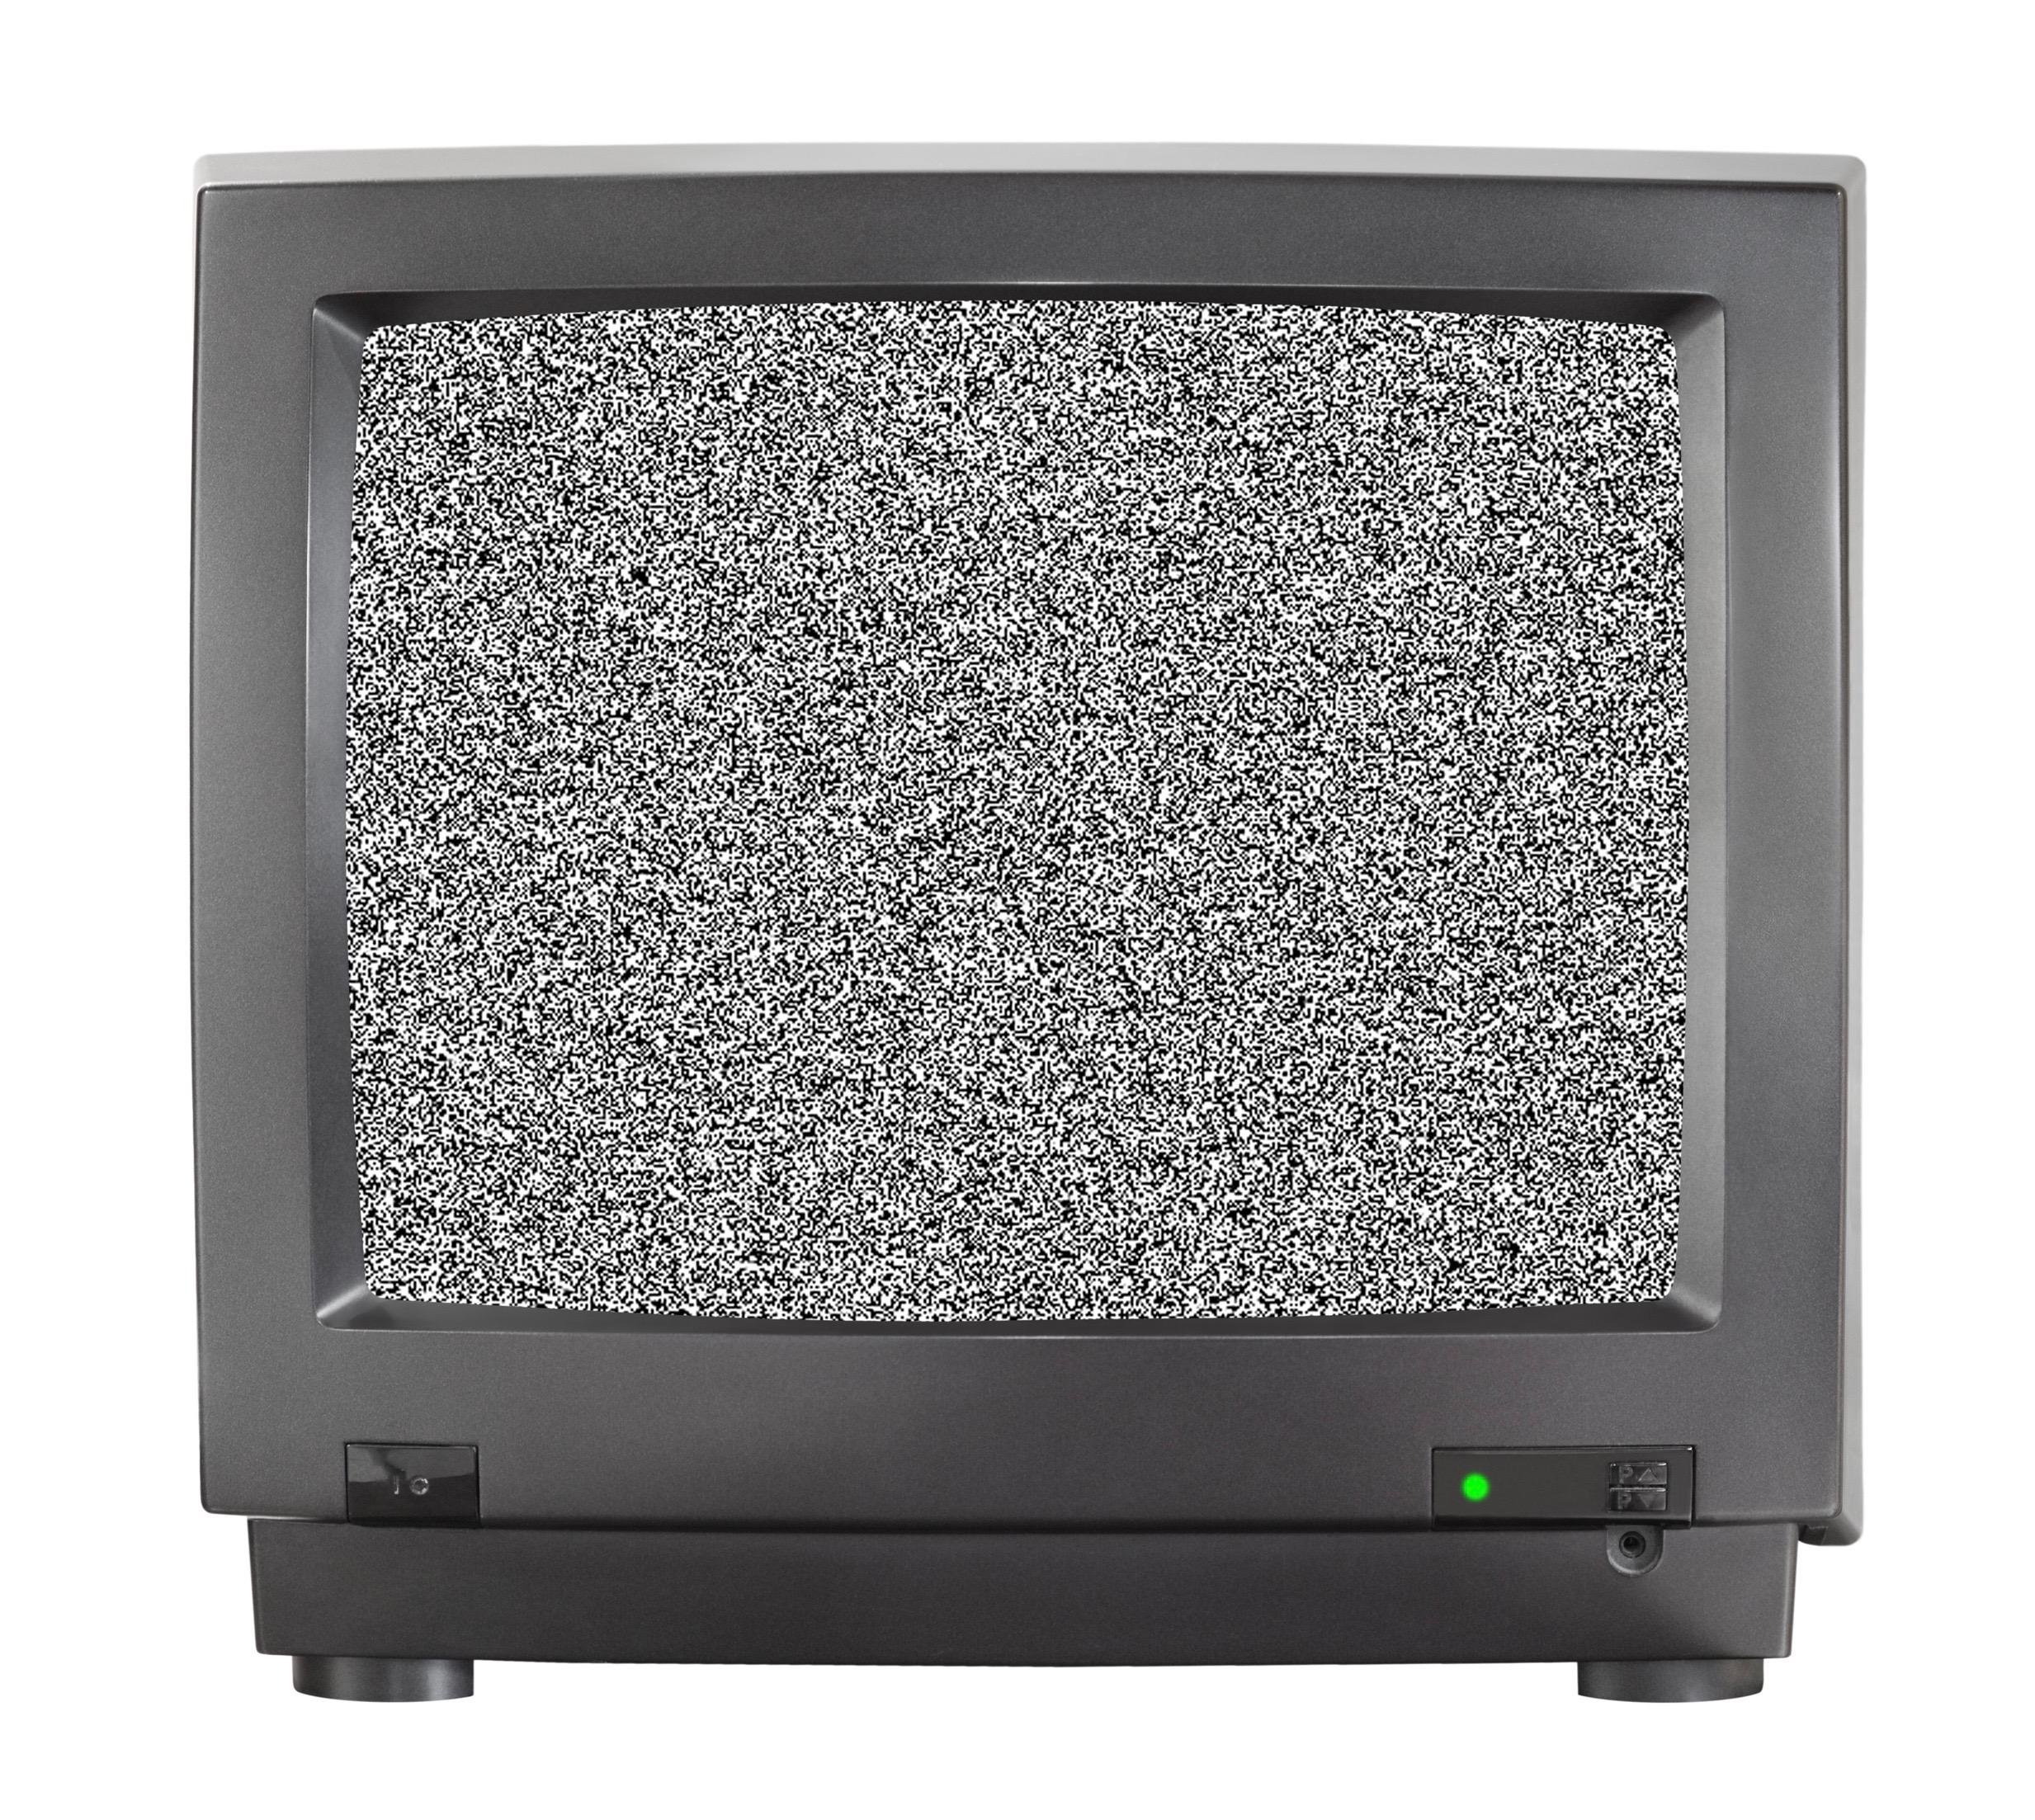 Noisy_TV.jpg